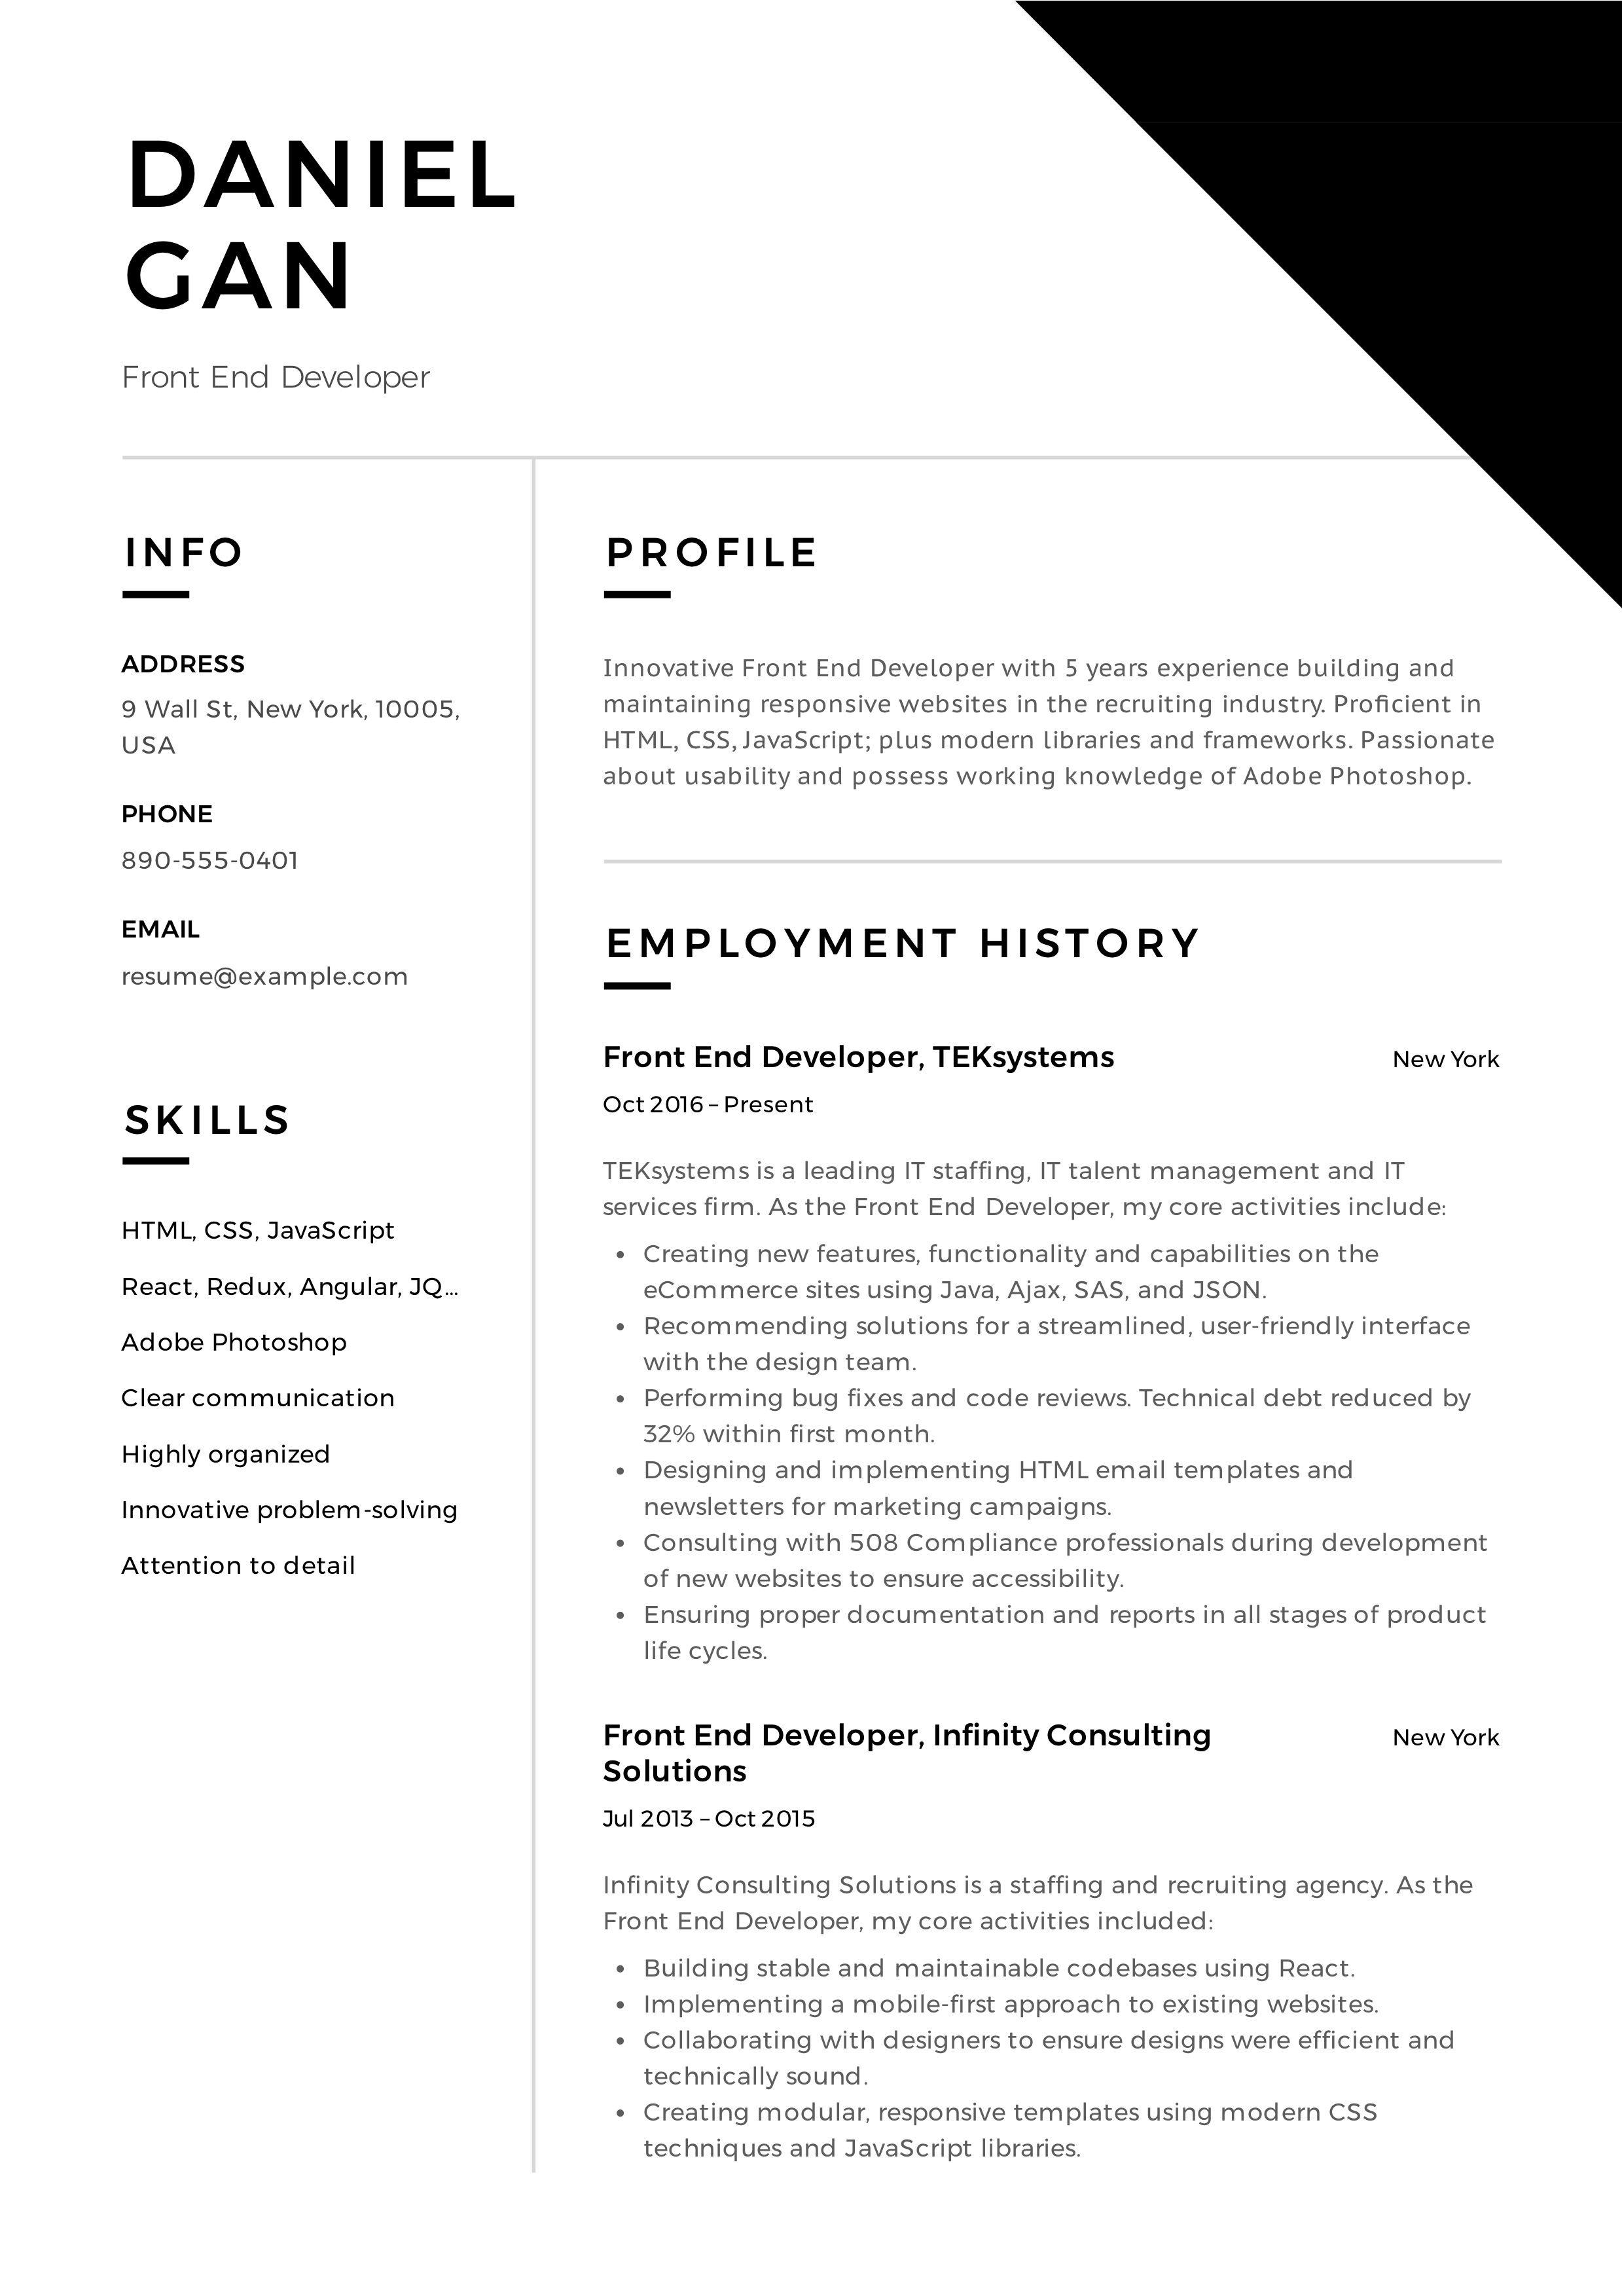 FrontEnd Developer Resume & Guide Resume guide, Resume